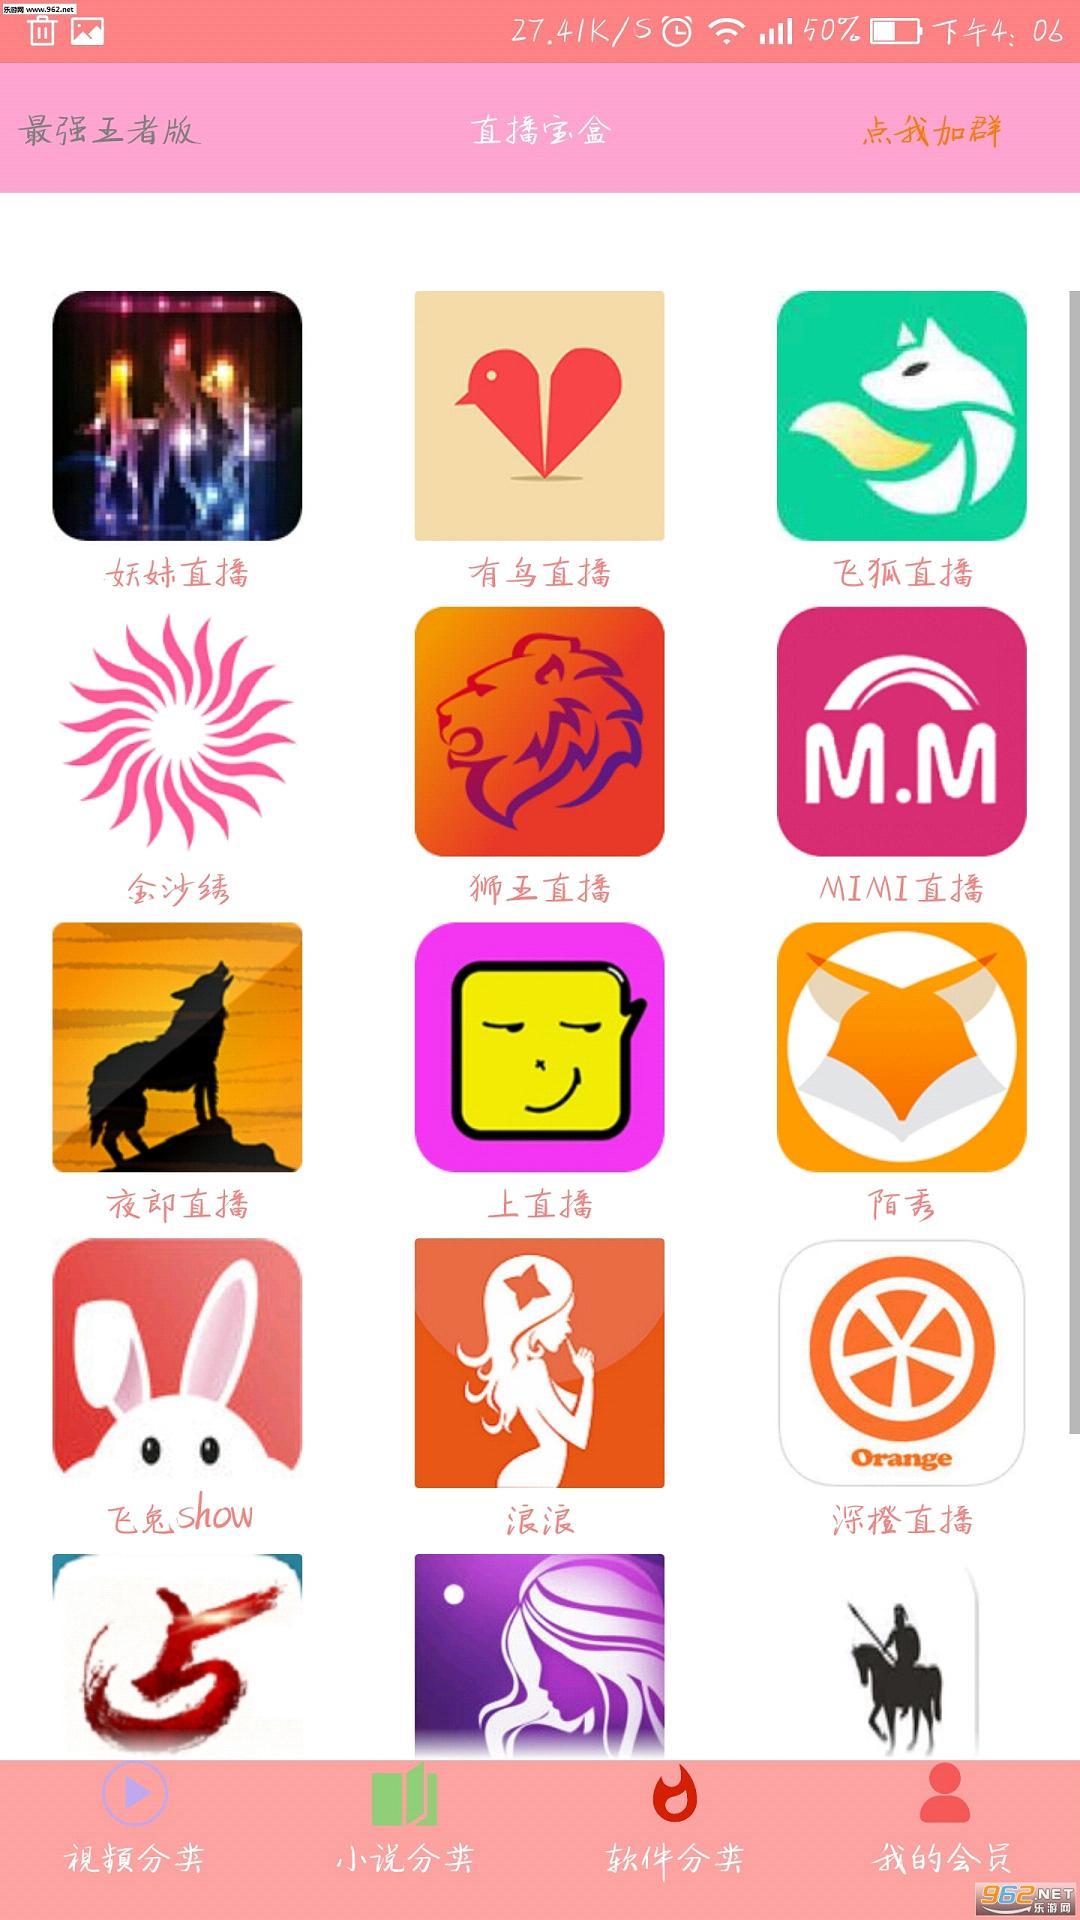 泡泡宝盒直播二维码app下载-泡泡宝盒直播二维码app... -小黑游戏